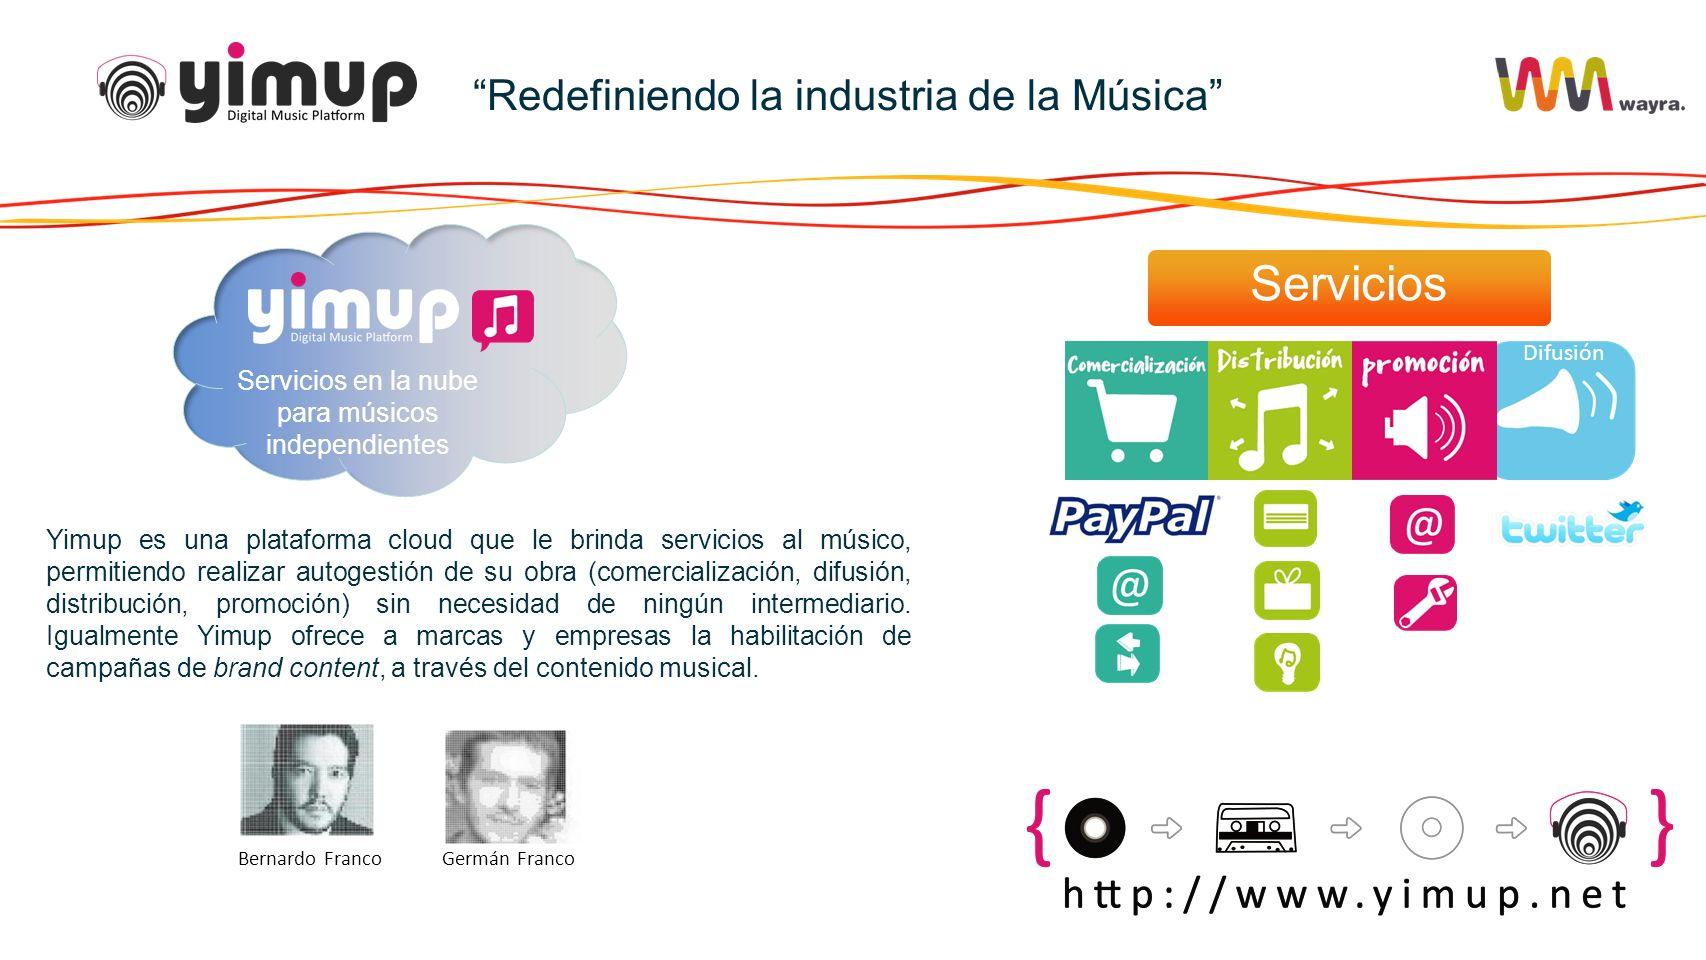 Redefiniendo la industria de la Música Difusión Servicios en la nube para músicos independientes Bernardo FrancoGermán Franco Yimup es una plataforma cloud que le brinda servicios al músico, permitiendo realizar autogestión de su obra (comercialización, difusión, distribución, promoción) sin necesidad de ningún intermediario.